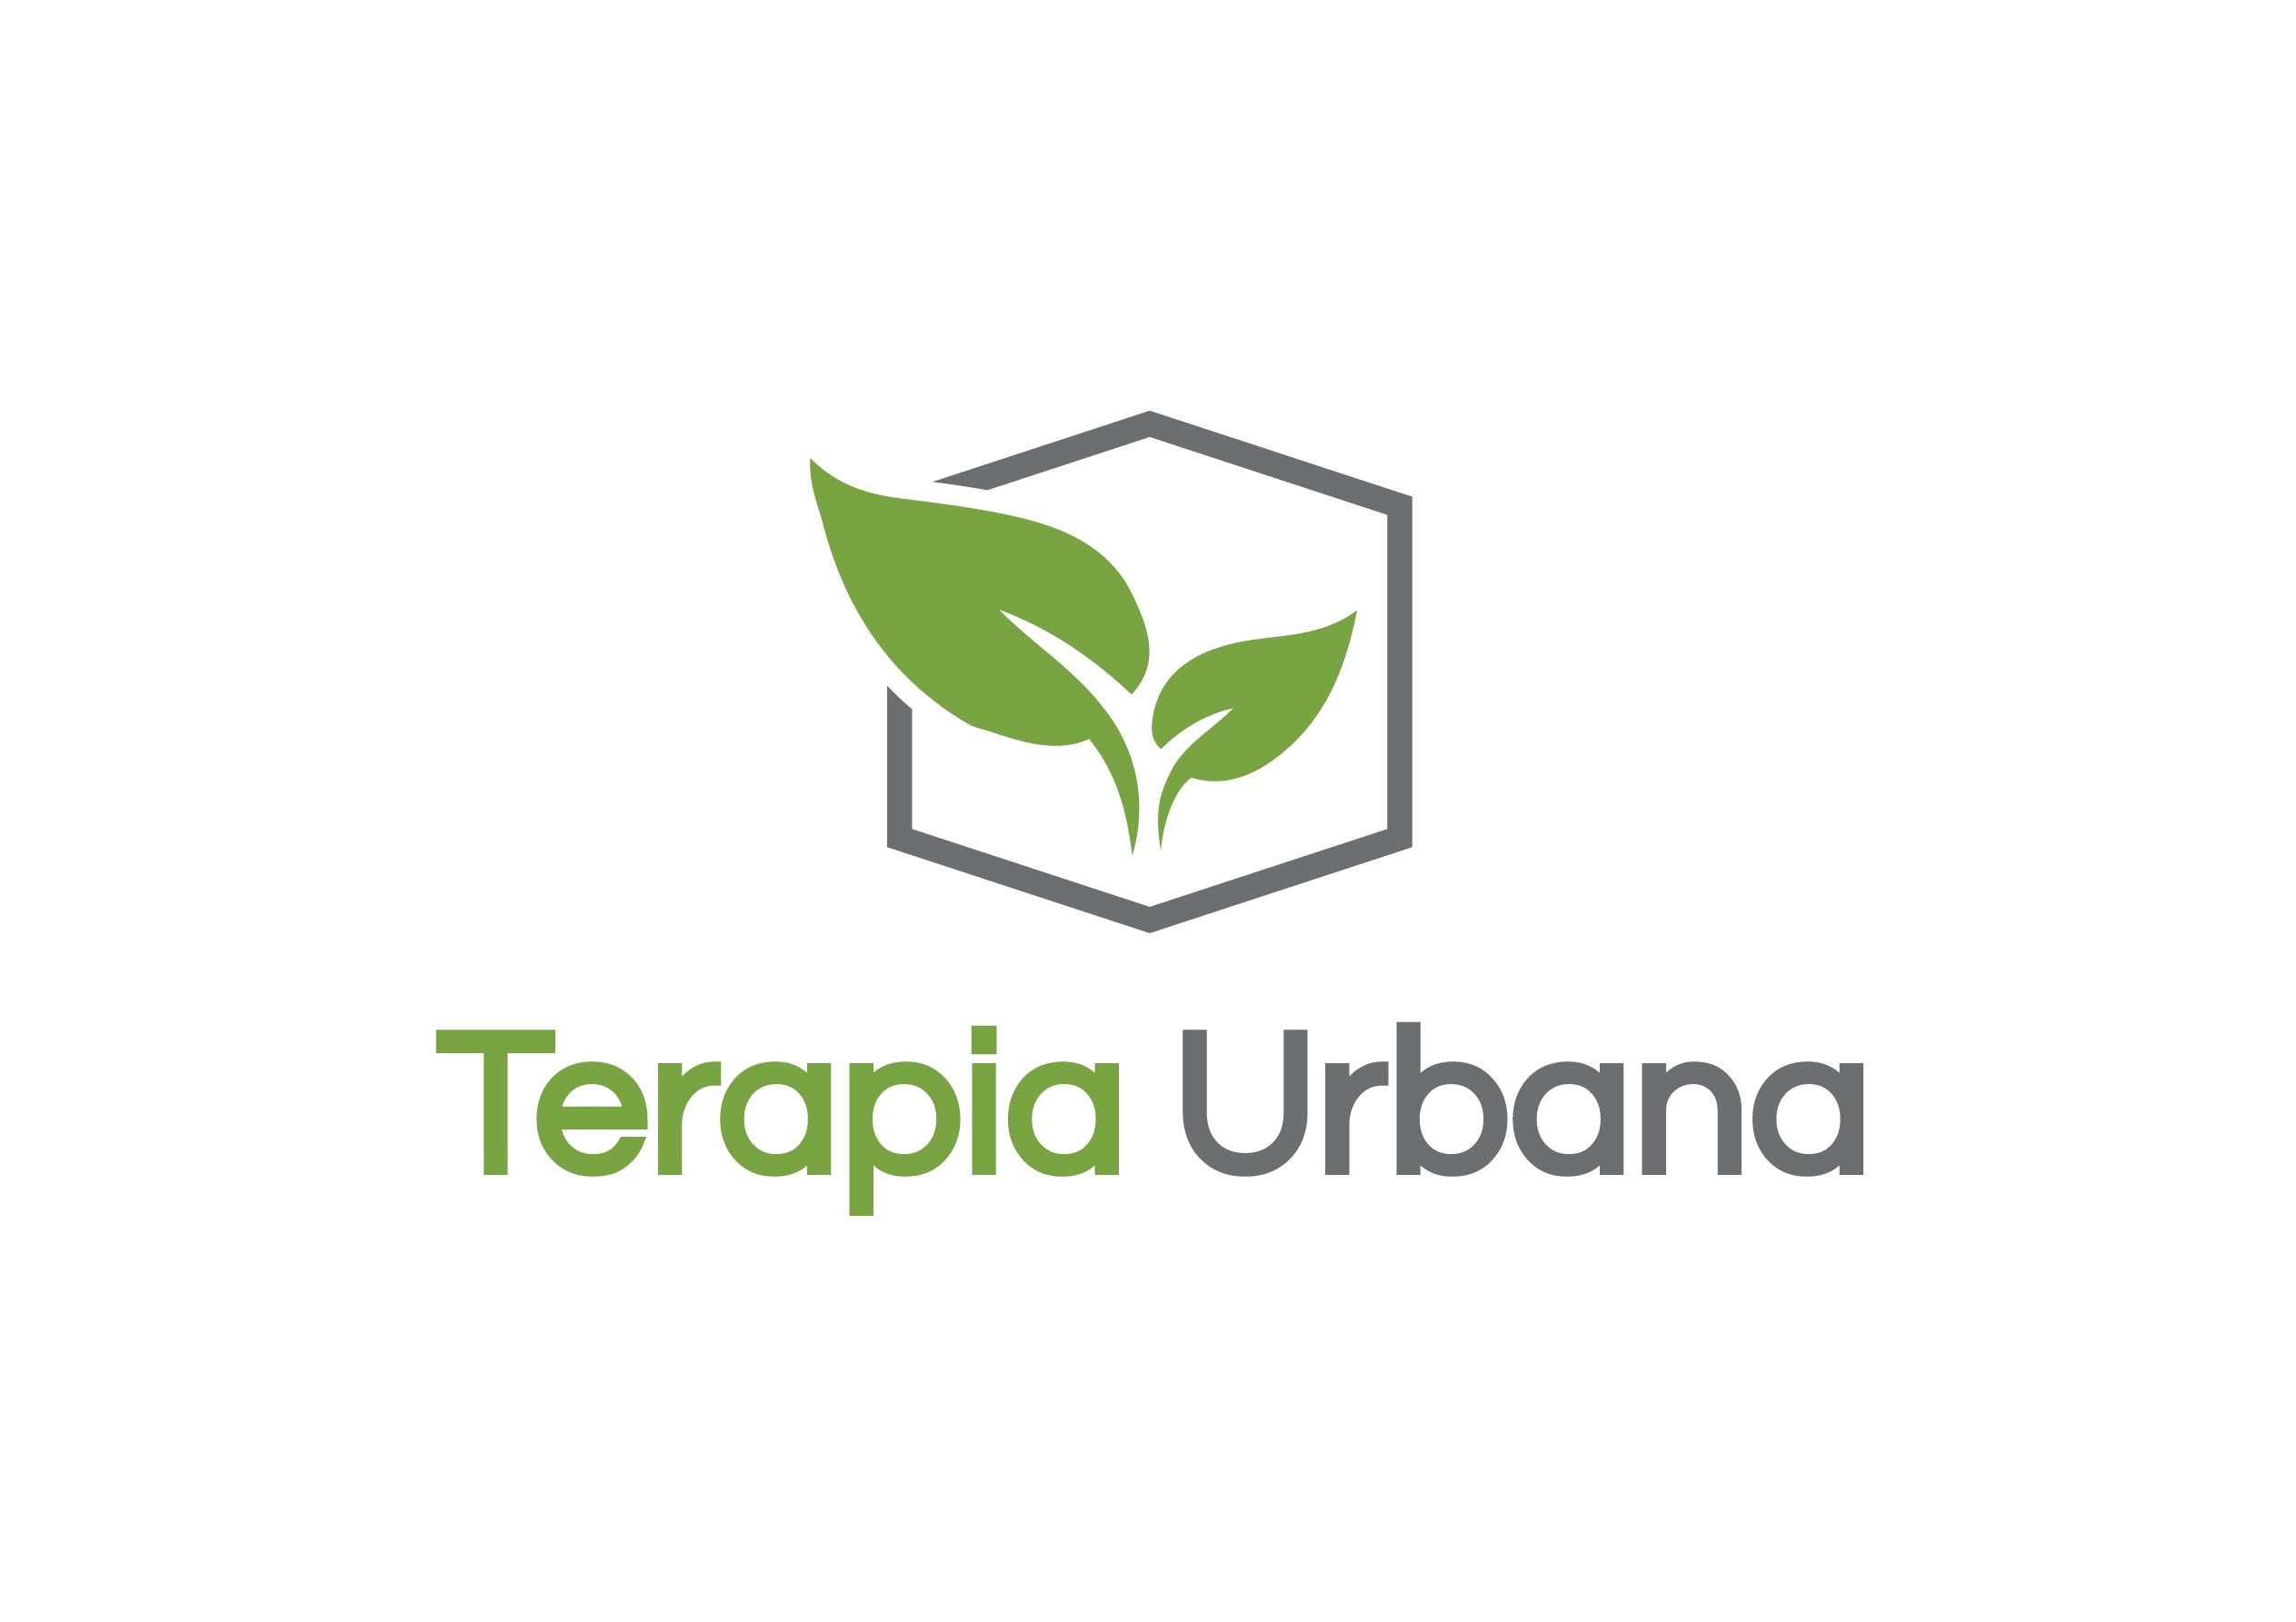 Nueva imagen de marca Terapia Urbana